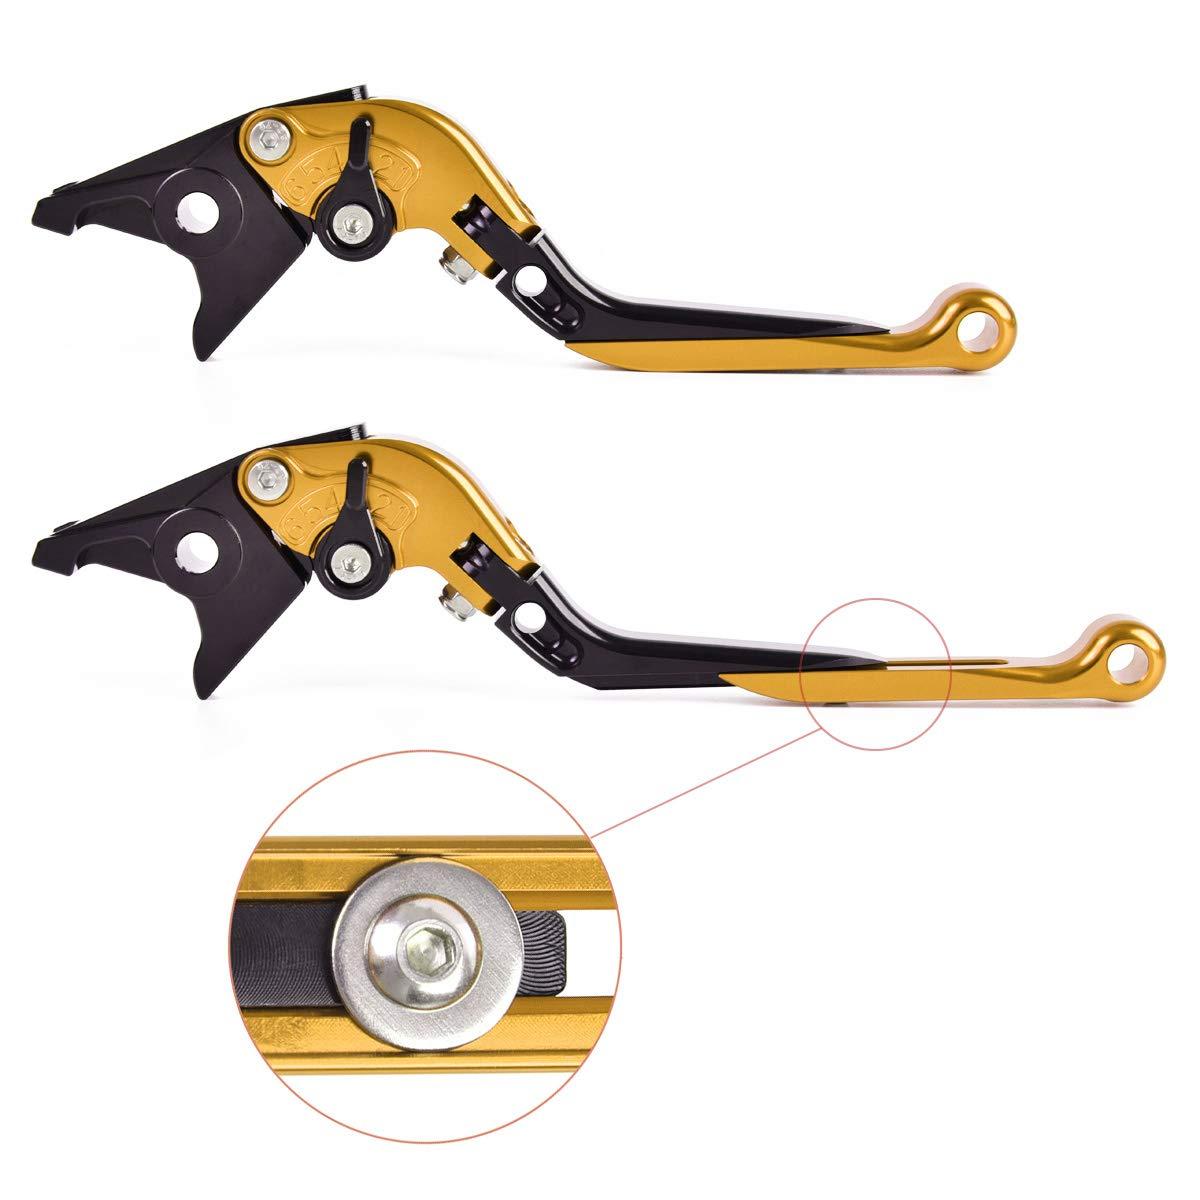 Auzkong Palancas de embrague de freno CNC plegables y ajustables para HONDA XL1000 Varadero//XL1000 ABS 1999-2013 Rojo-Negro-Rojo